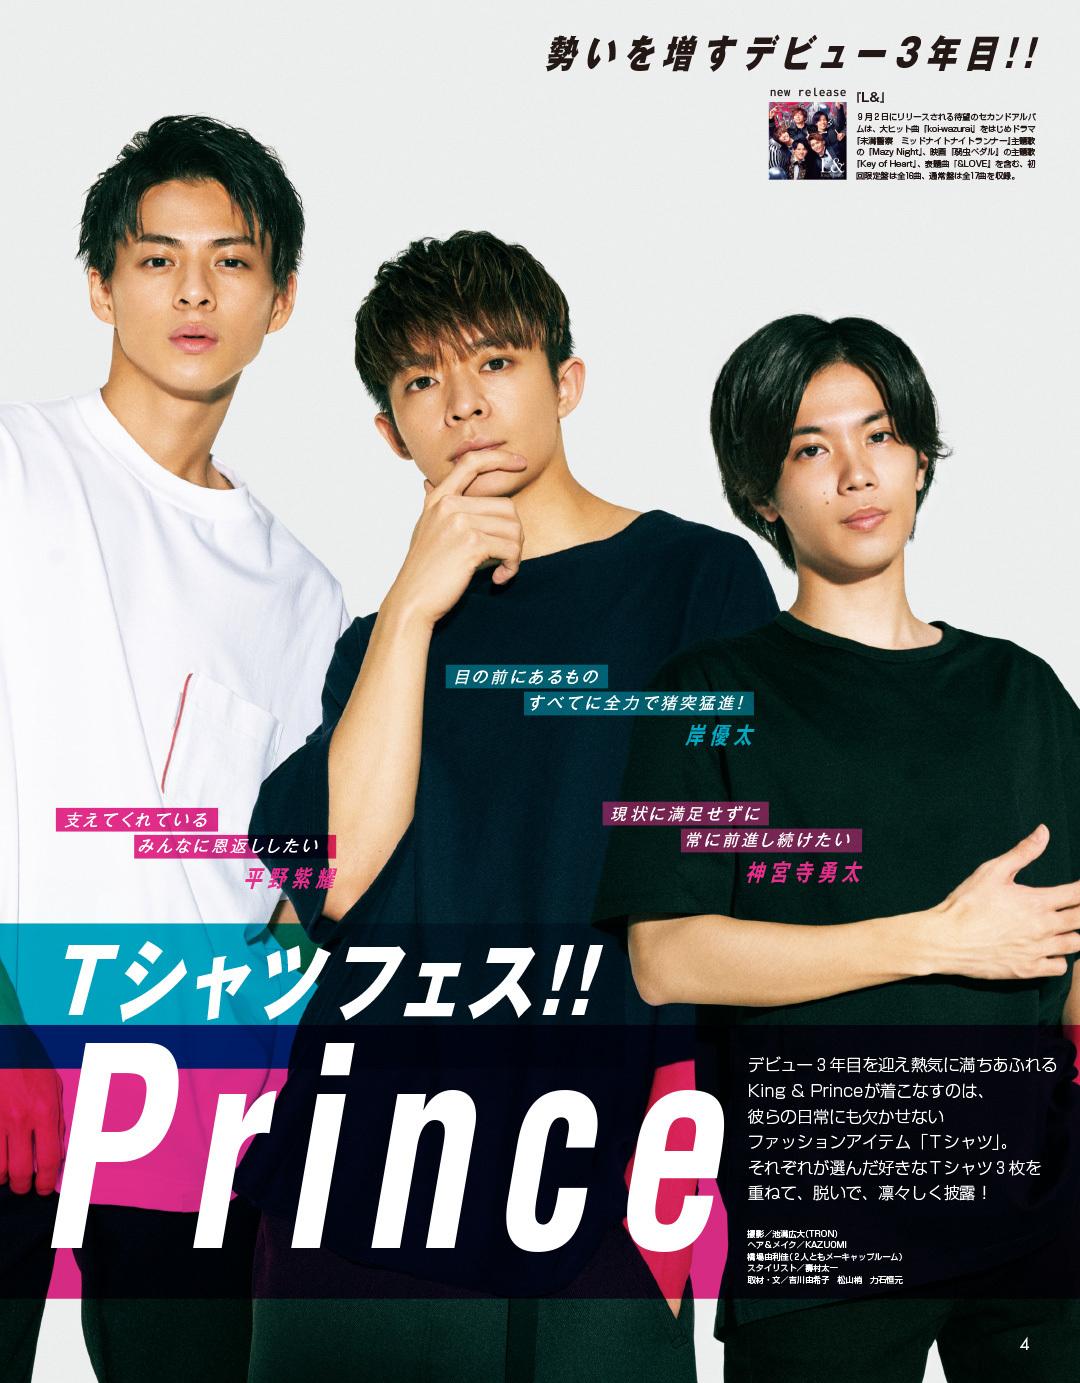 気絶するほどカッコいいTシャツフェス!! King & Prince